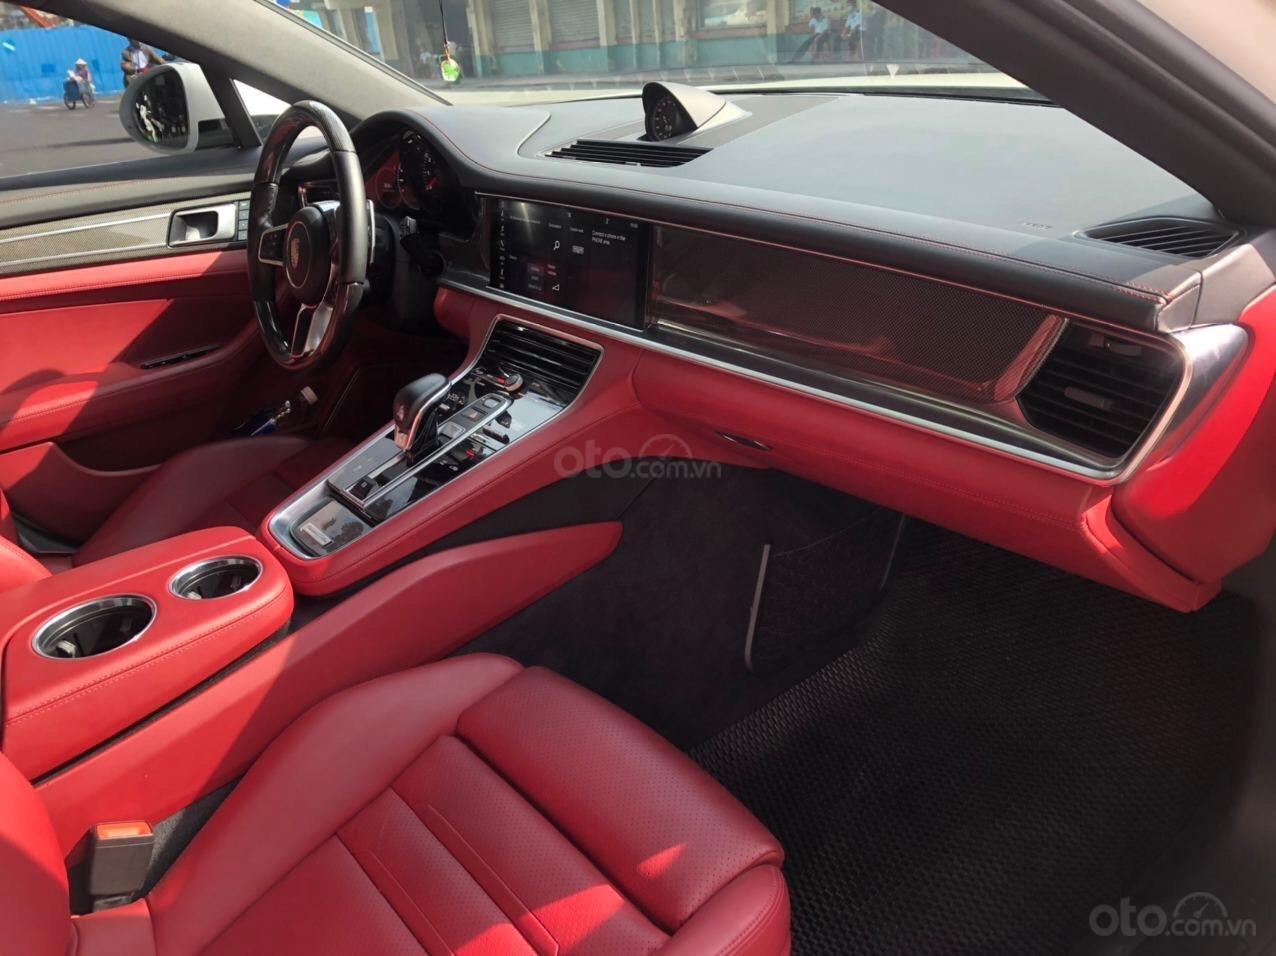 Cần bán xe Porsche Panamera 2018 full cacbon màu trắng, nội thất đỏ (4)